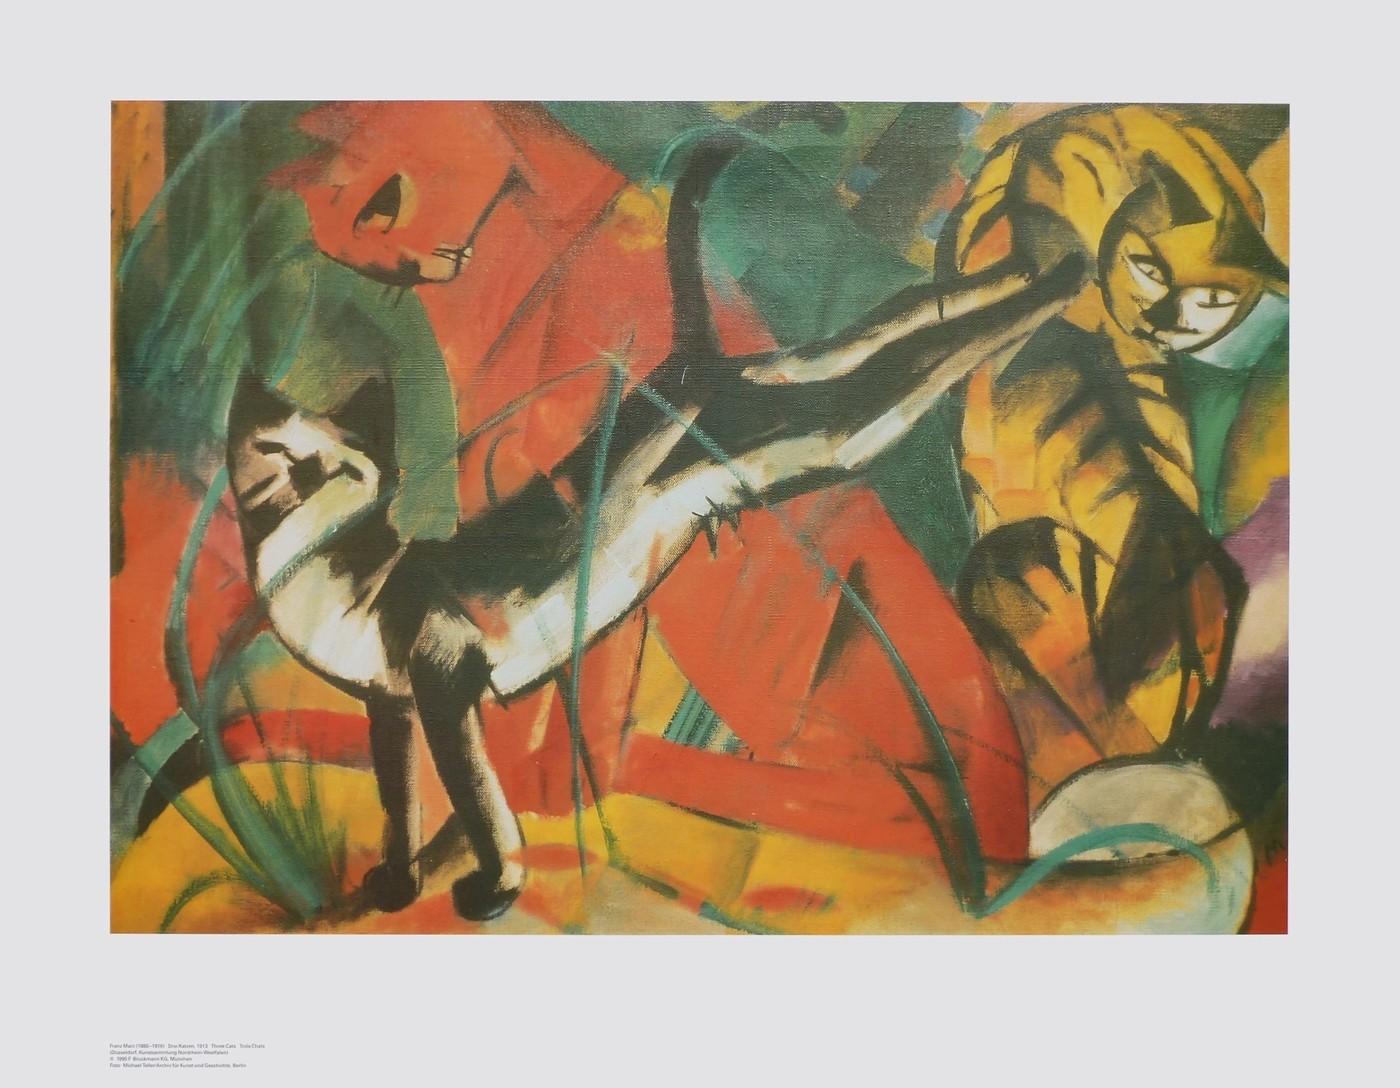 Franz Marc, Drei Katzen (Malerei, Expressionismus, Katzen,  spielende Katzen, Katzenwäsche, klassische Moderne, Wohnzimmer, Schlafzimmer, Arztpraxis Treppenhaus, bunt)